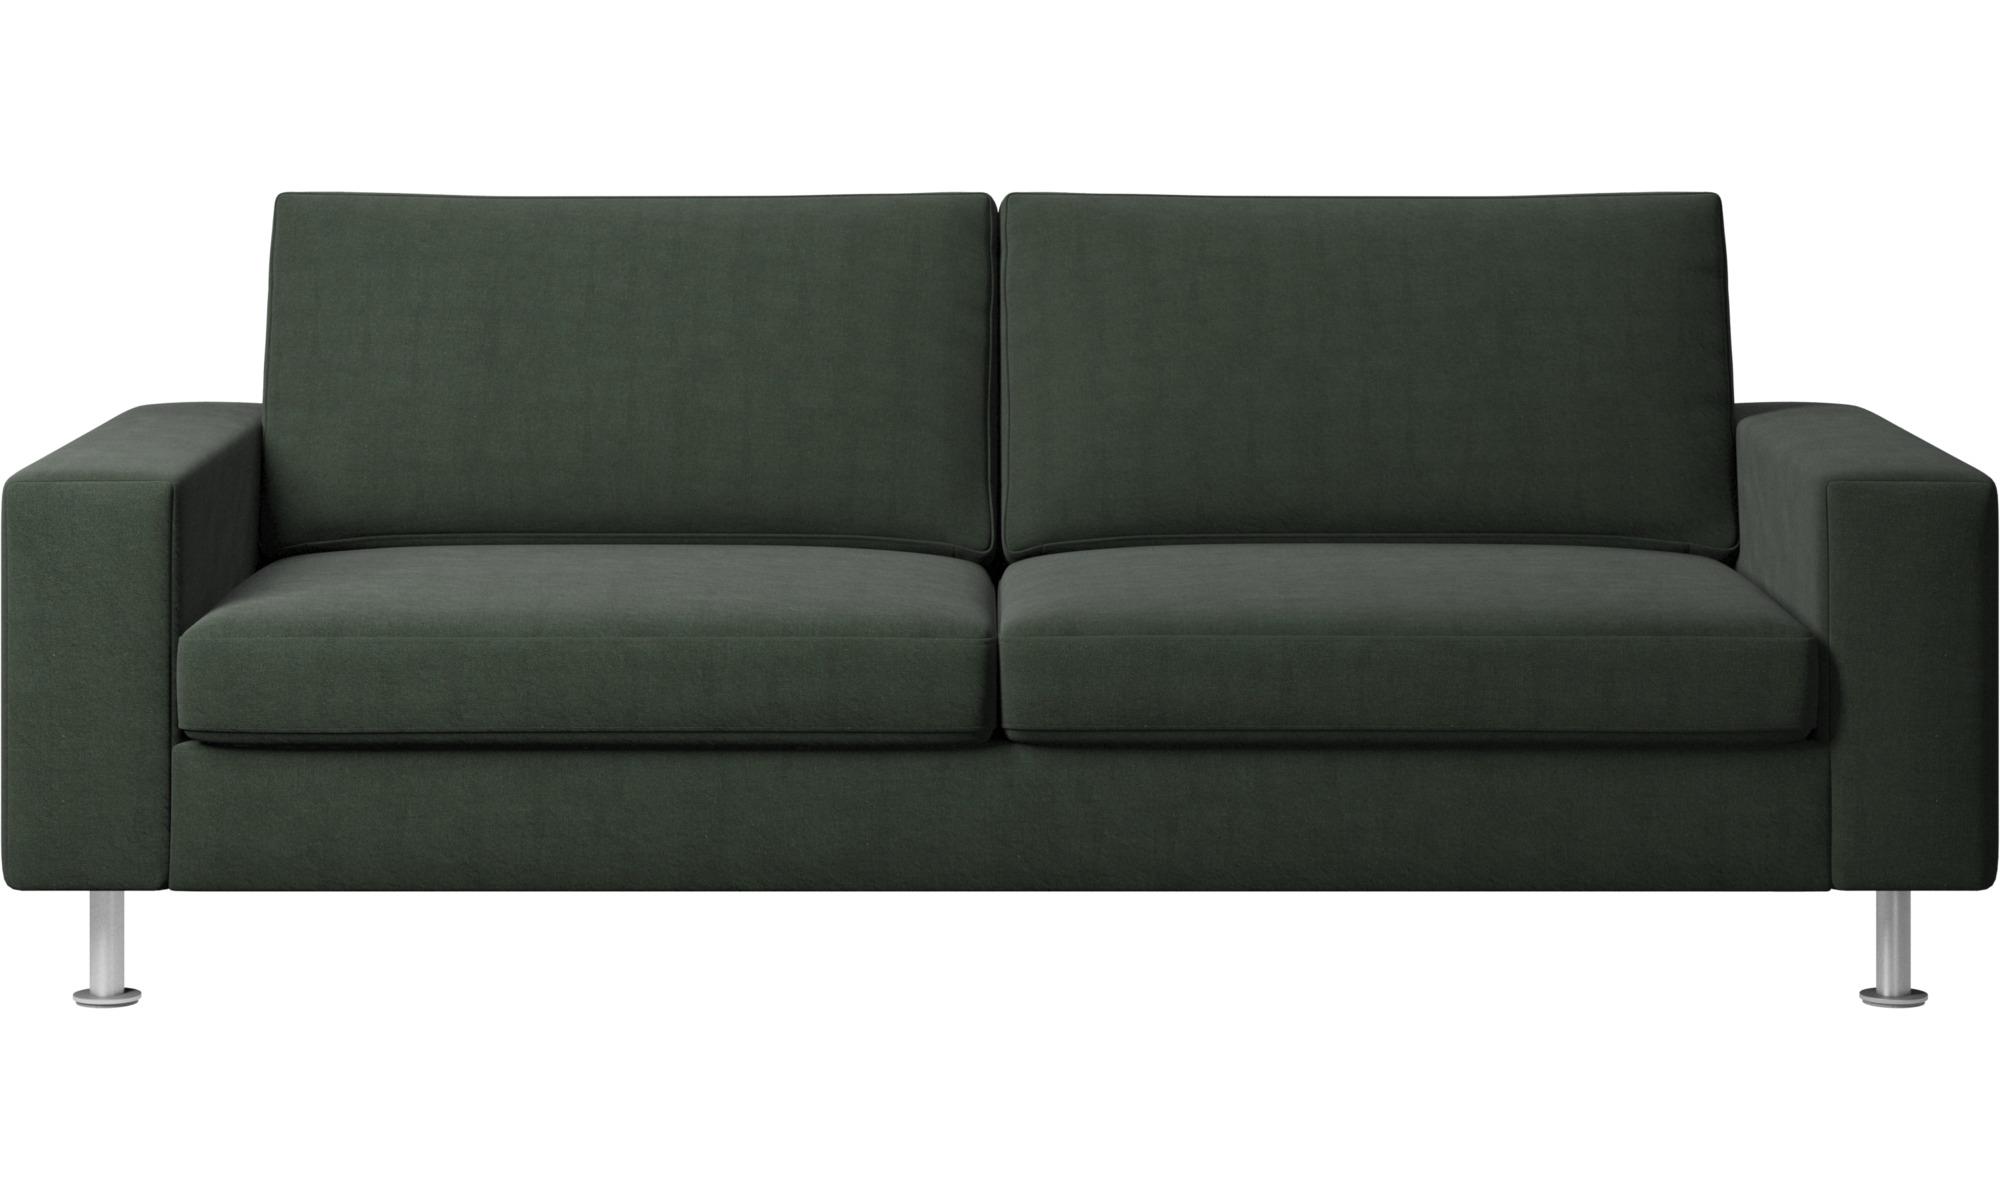 Sofy rozkładane - Sofa Indivi z funkcją spania - Zielony - Tkanina